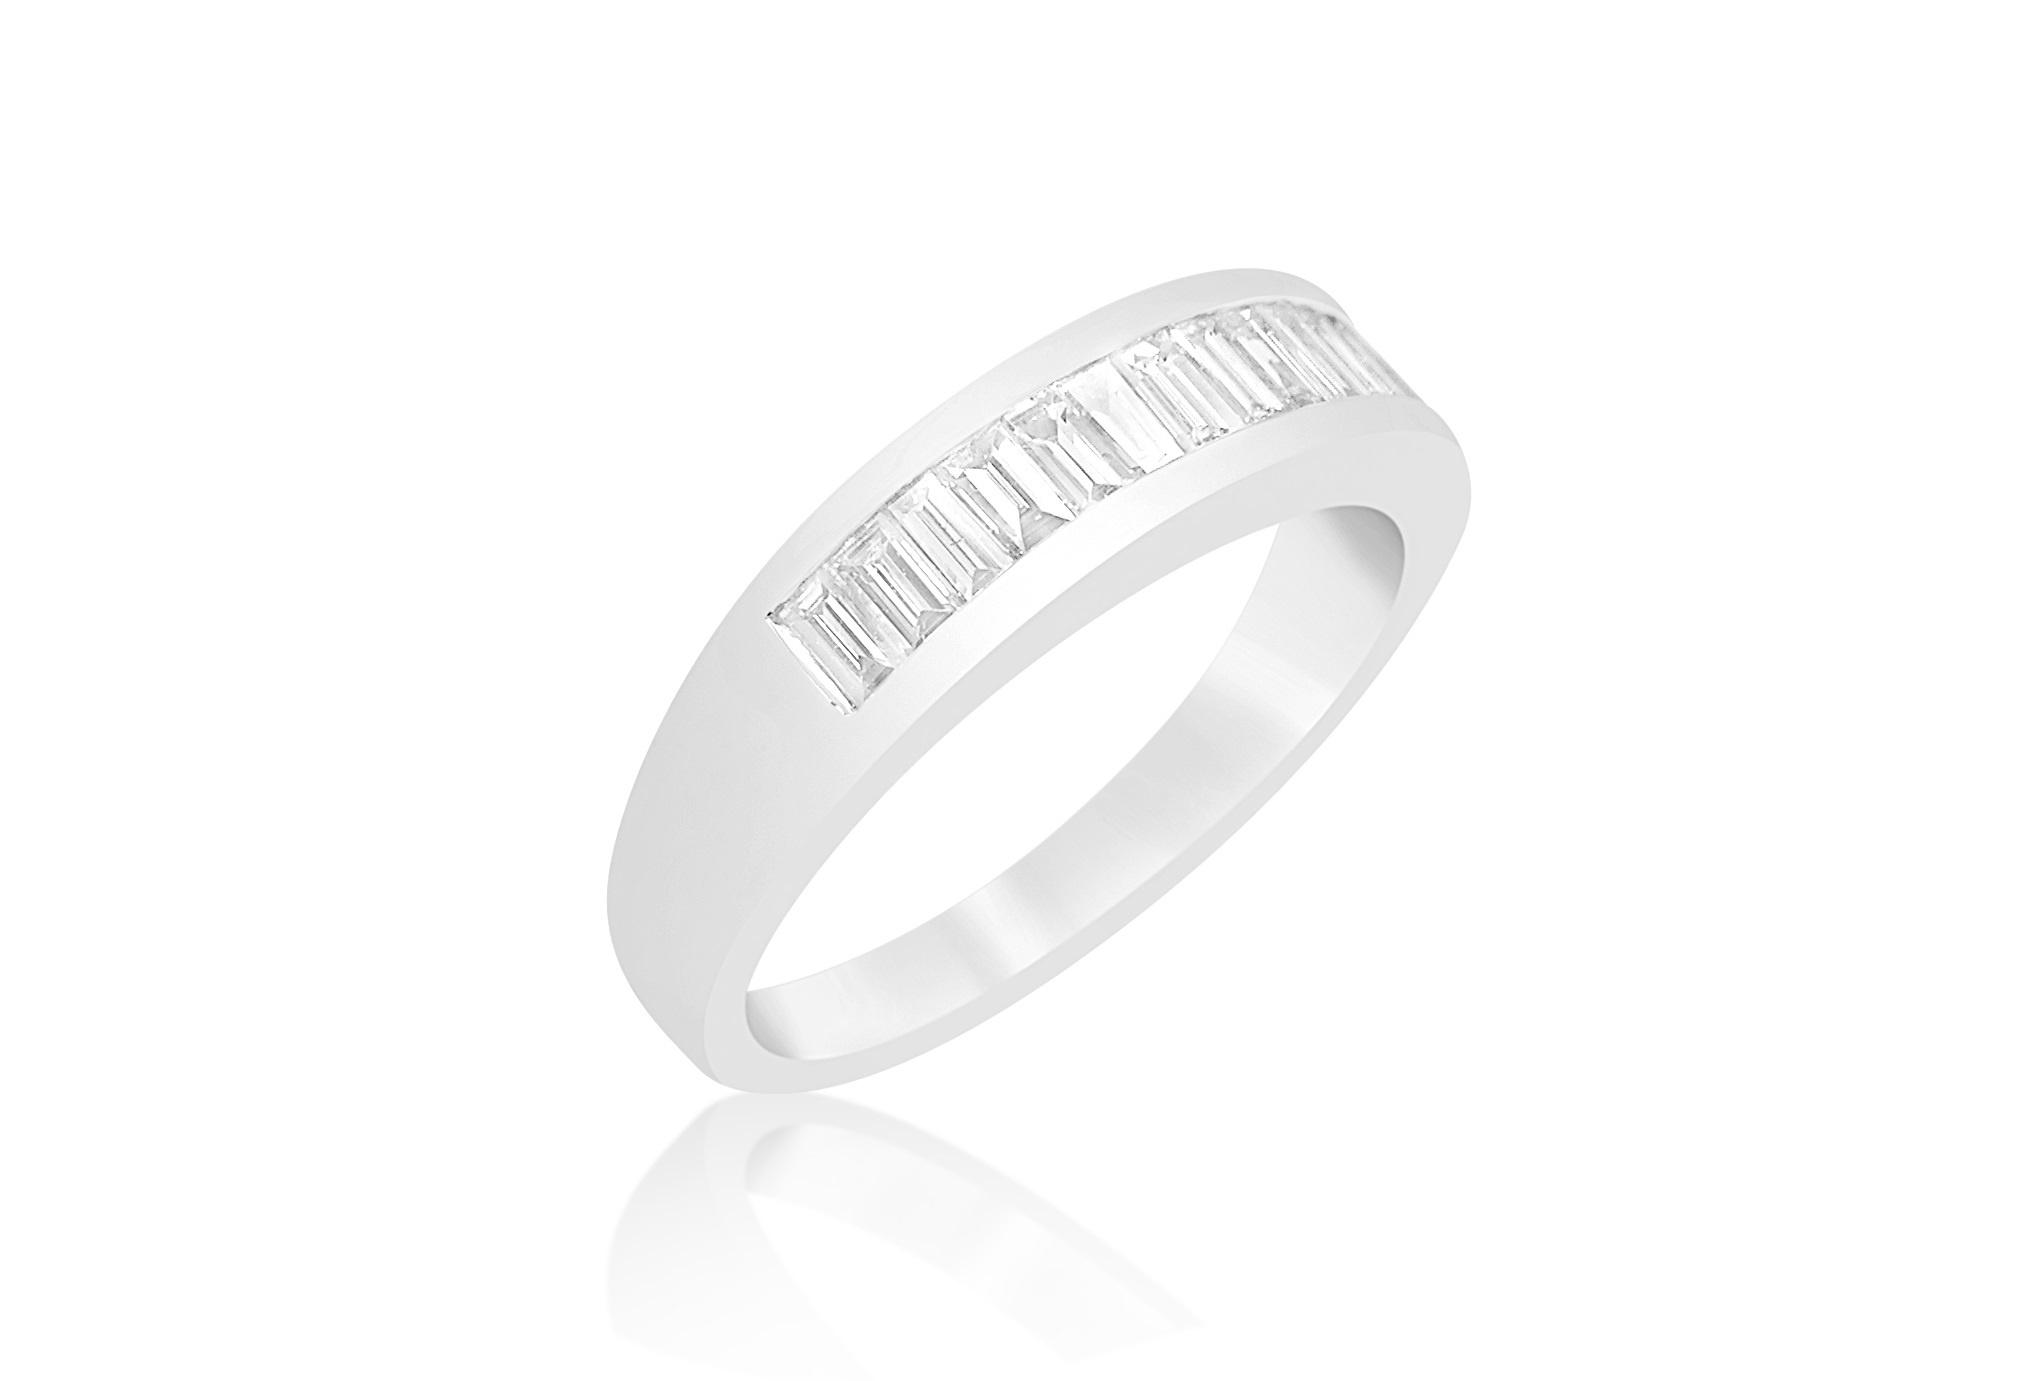 18kt wit goud ring met 0.56 CT diamanten